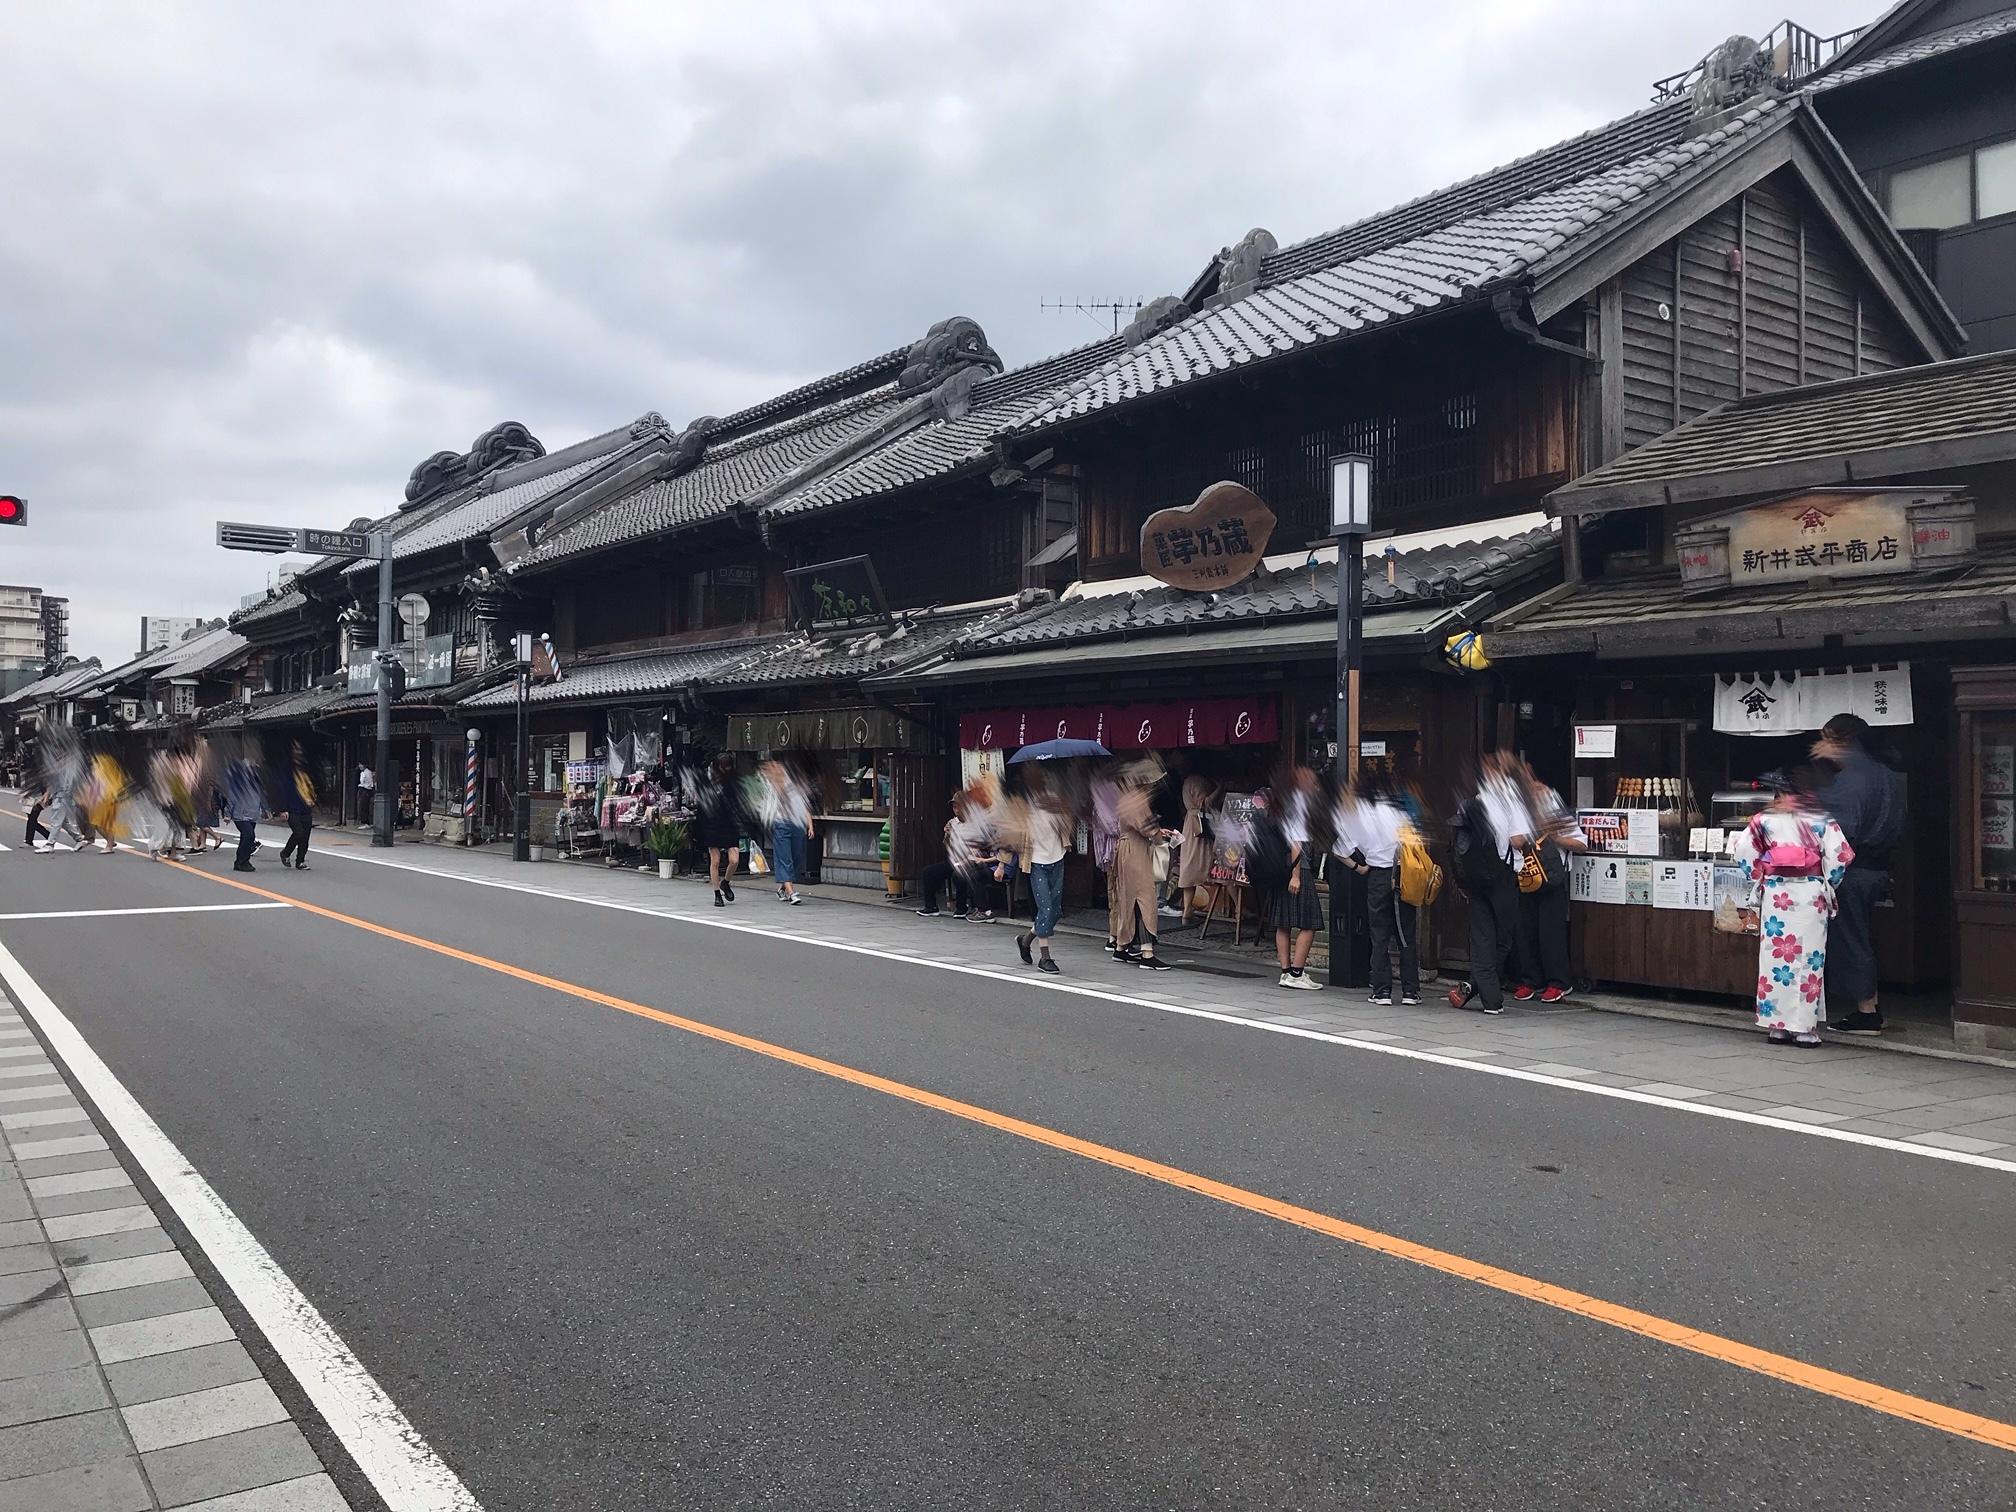 【川越】氷川神社と川越散策_1_4-4